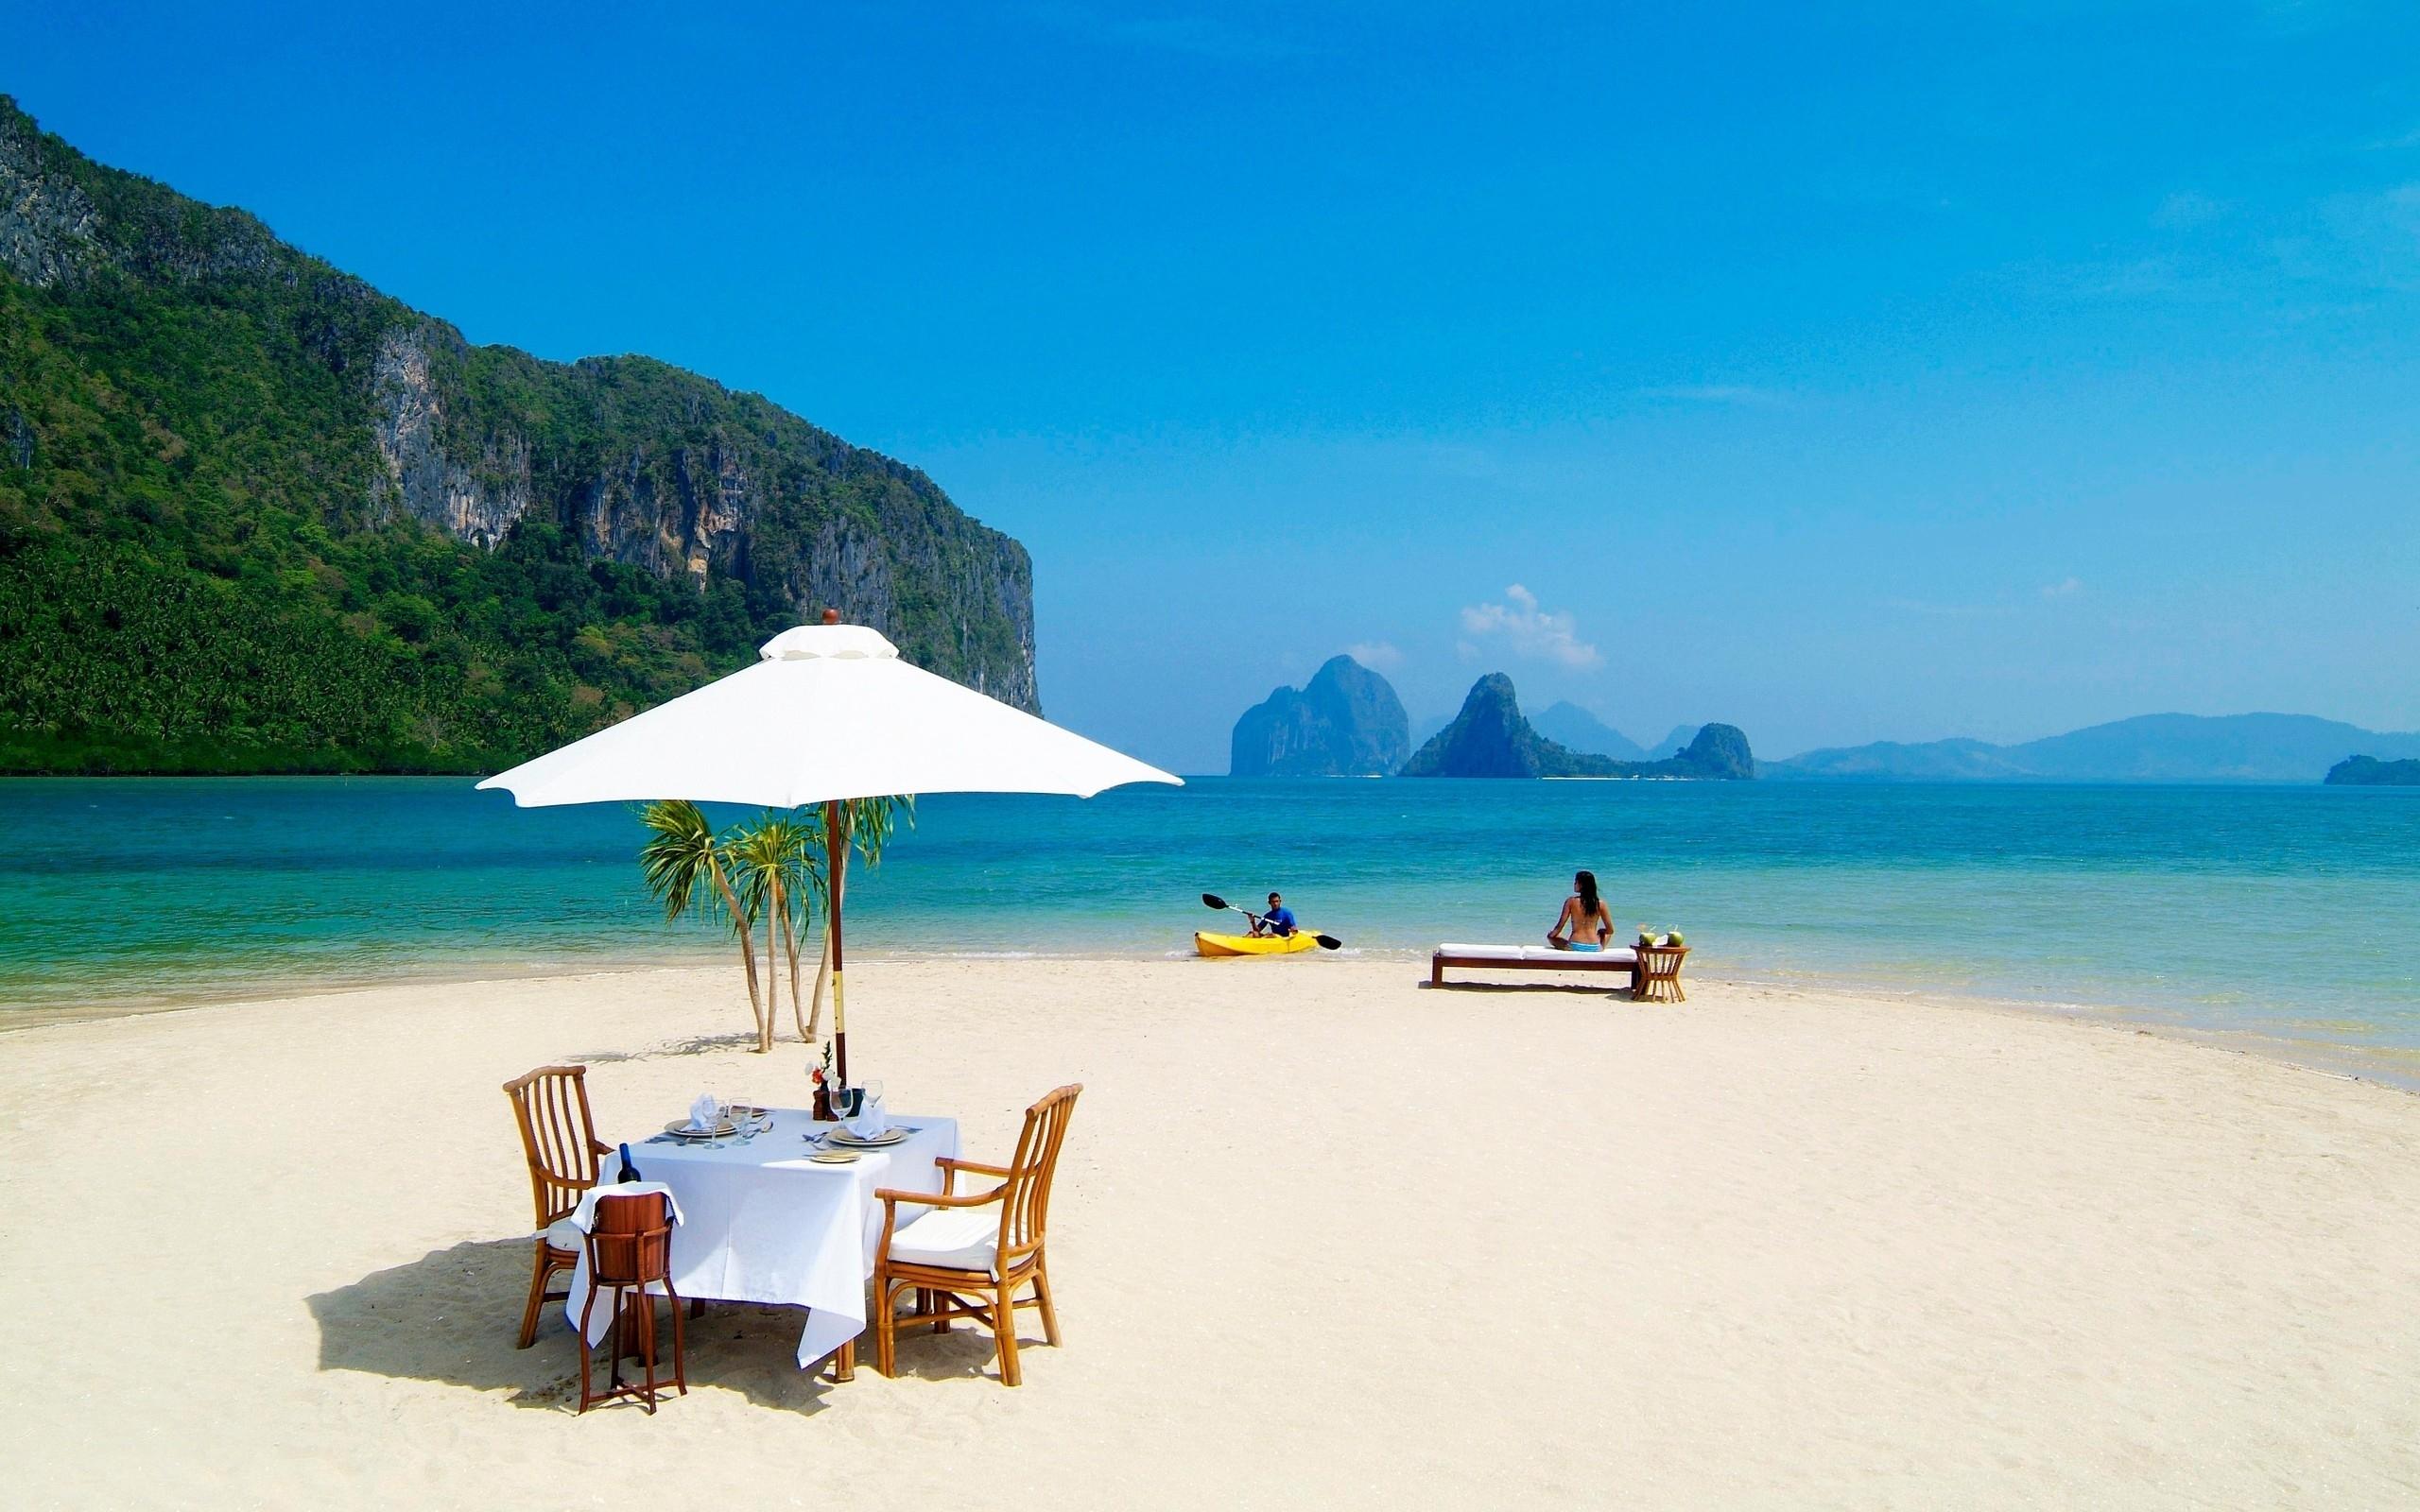 46195壁紙のダウンロード風景, 自然, 海, ビーチ-スクリーンセーバーと写真を無料で